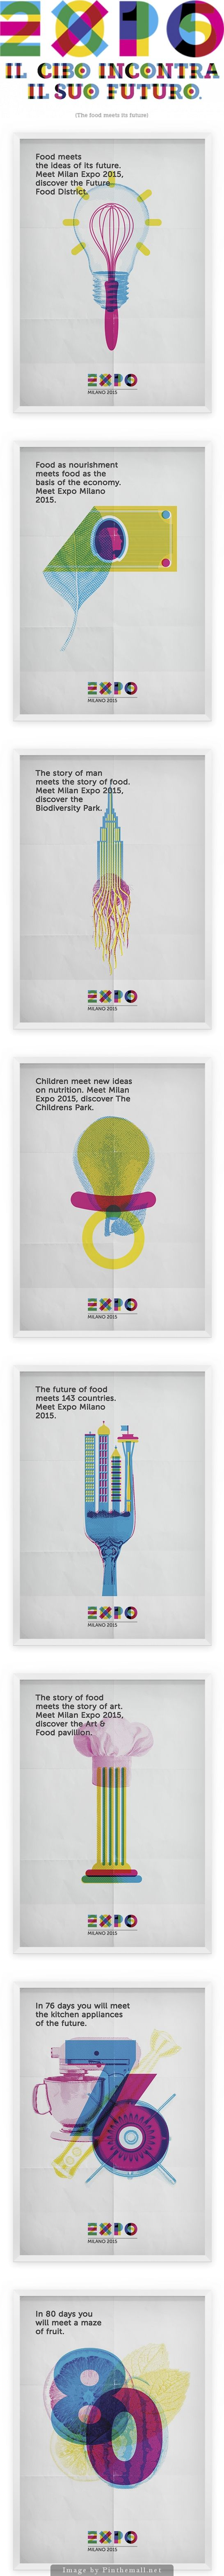 Expo Milano 2015 by Luca Frank Guarini, via Behance..